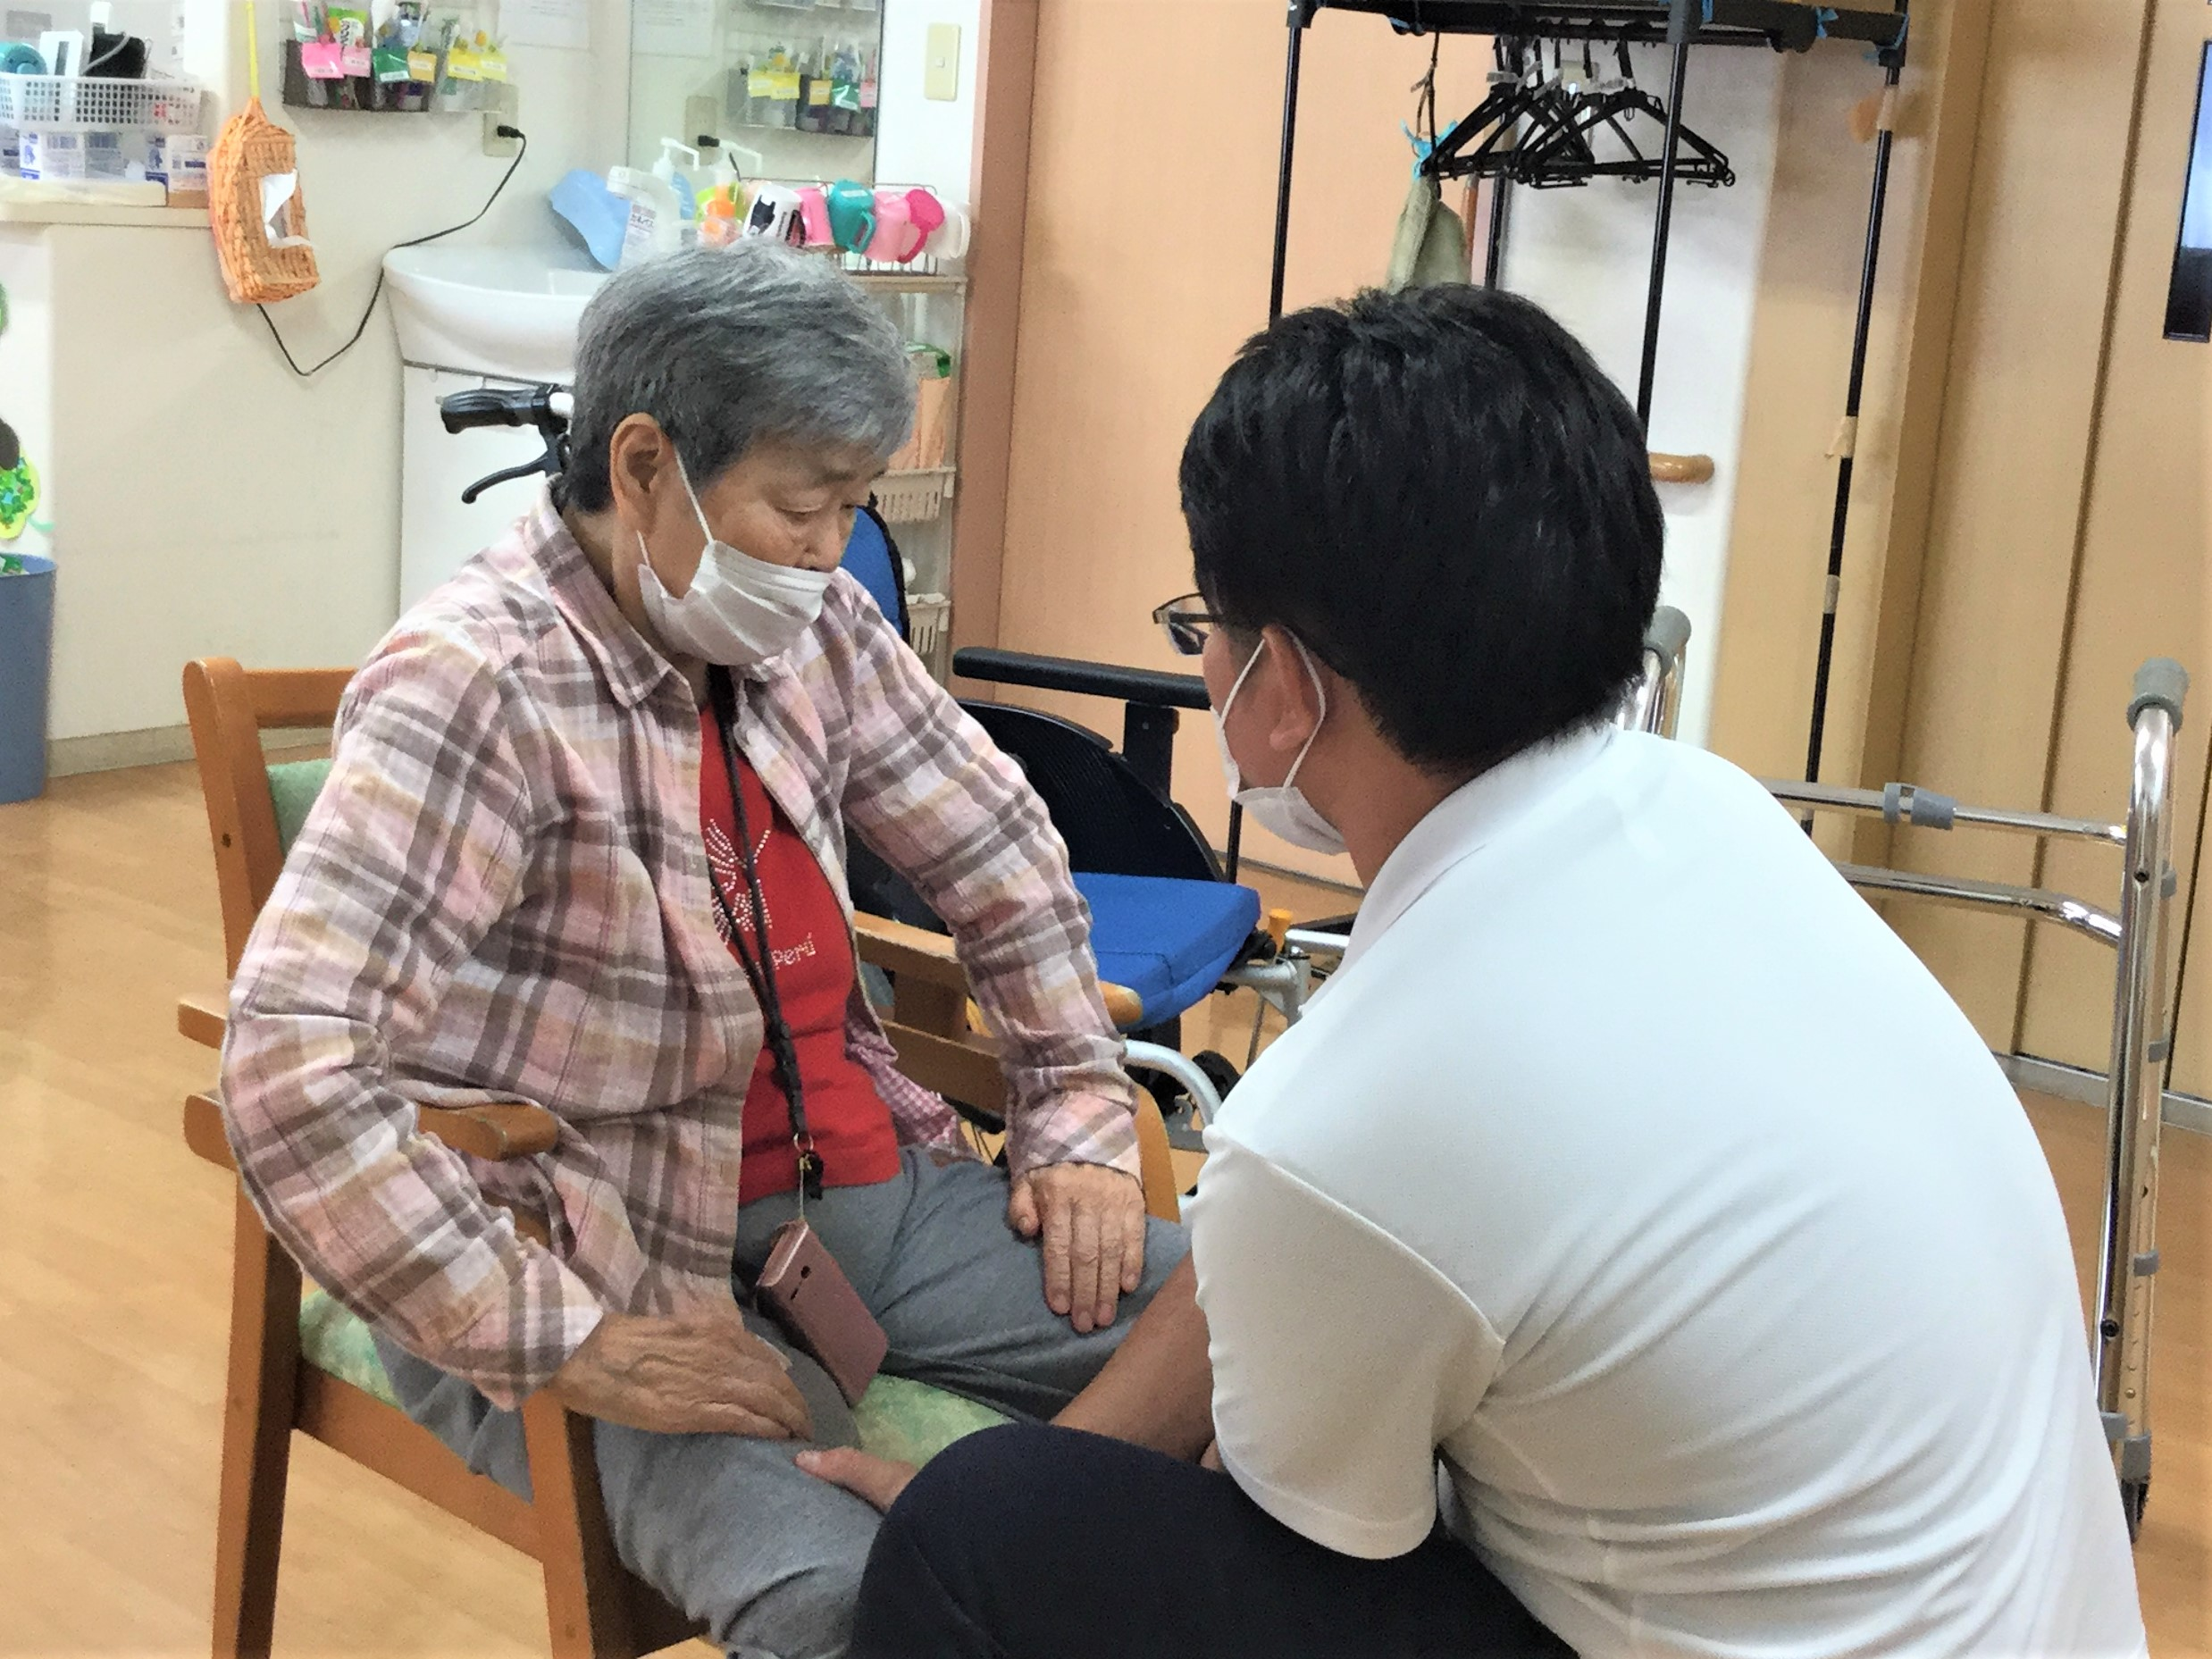 https://blog.magokorokaigo.com/staffblog/bantyo-sh/014%20%282%29_20210712.JPG